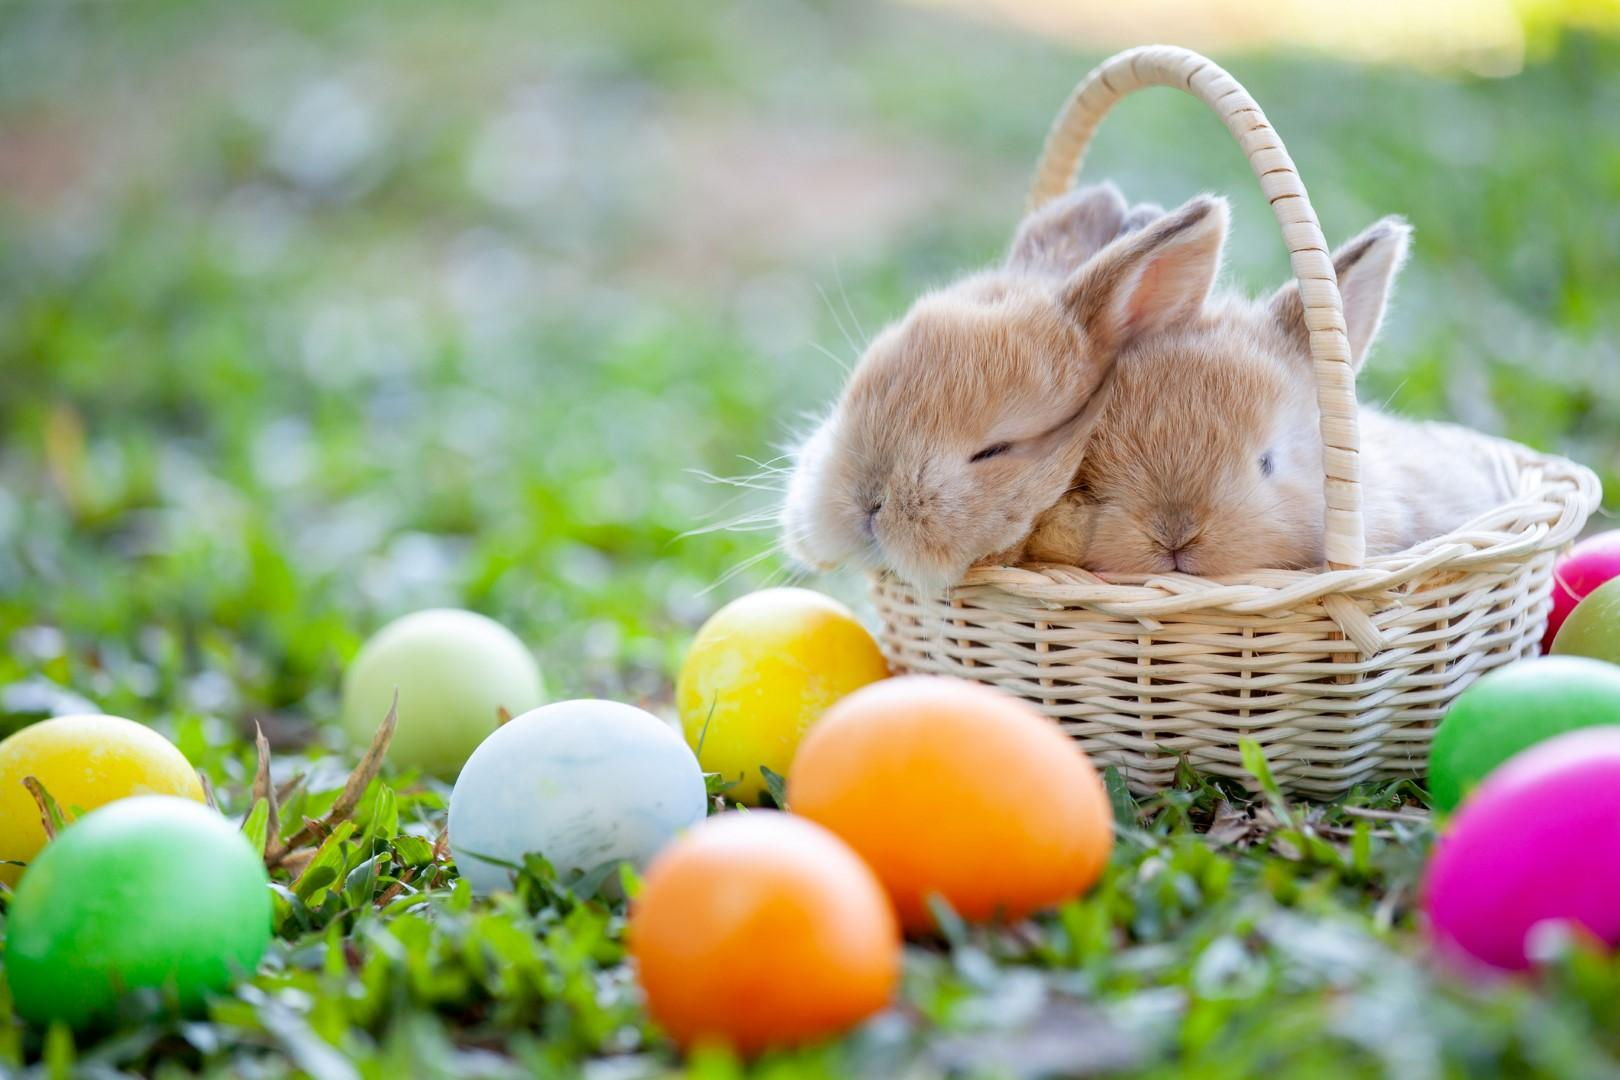 Le tradizioni di Pasqua più dolci e curiose